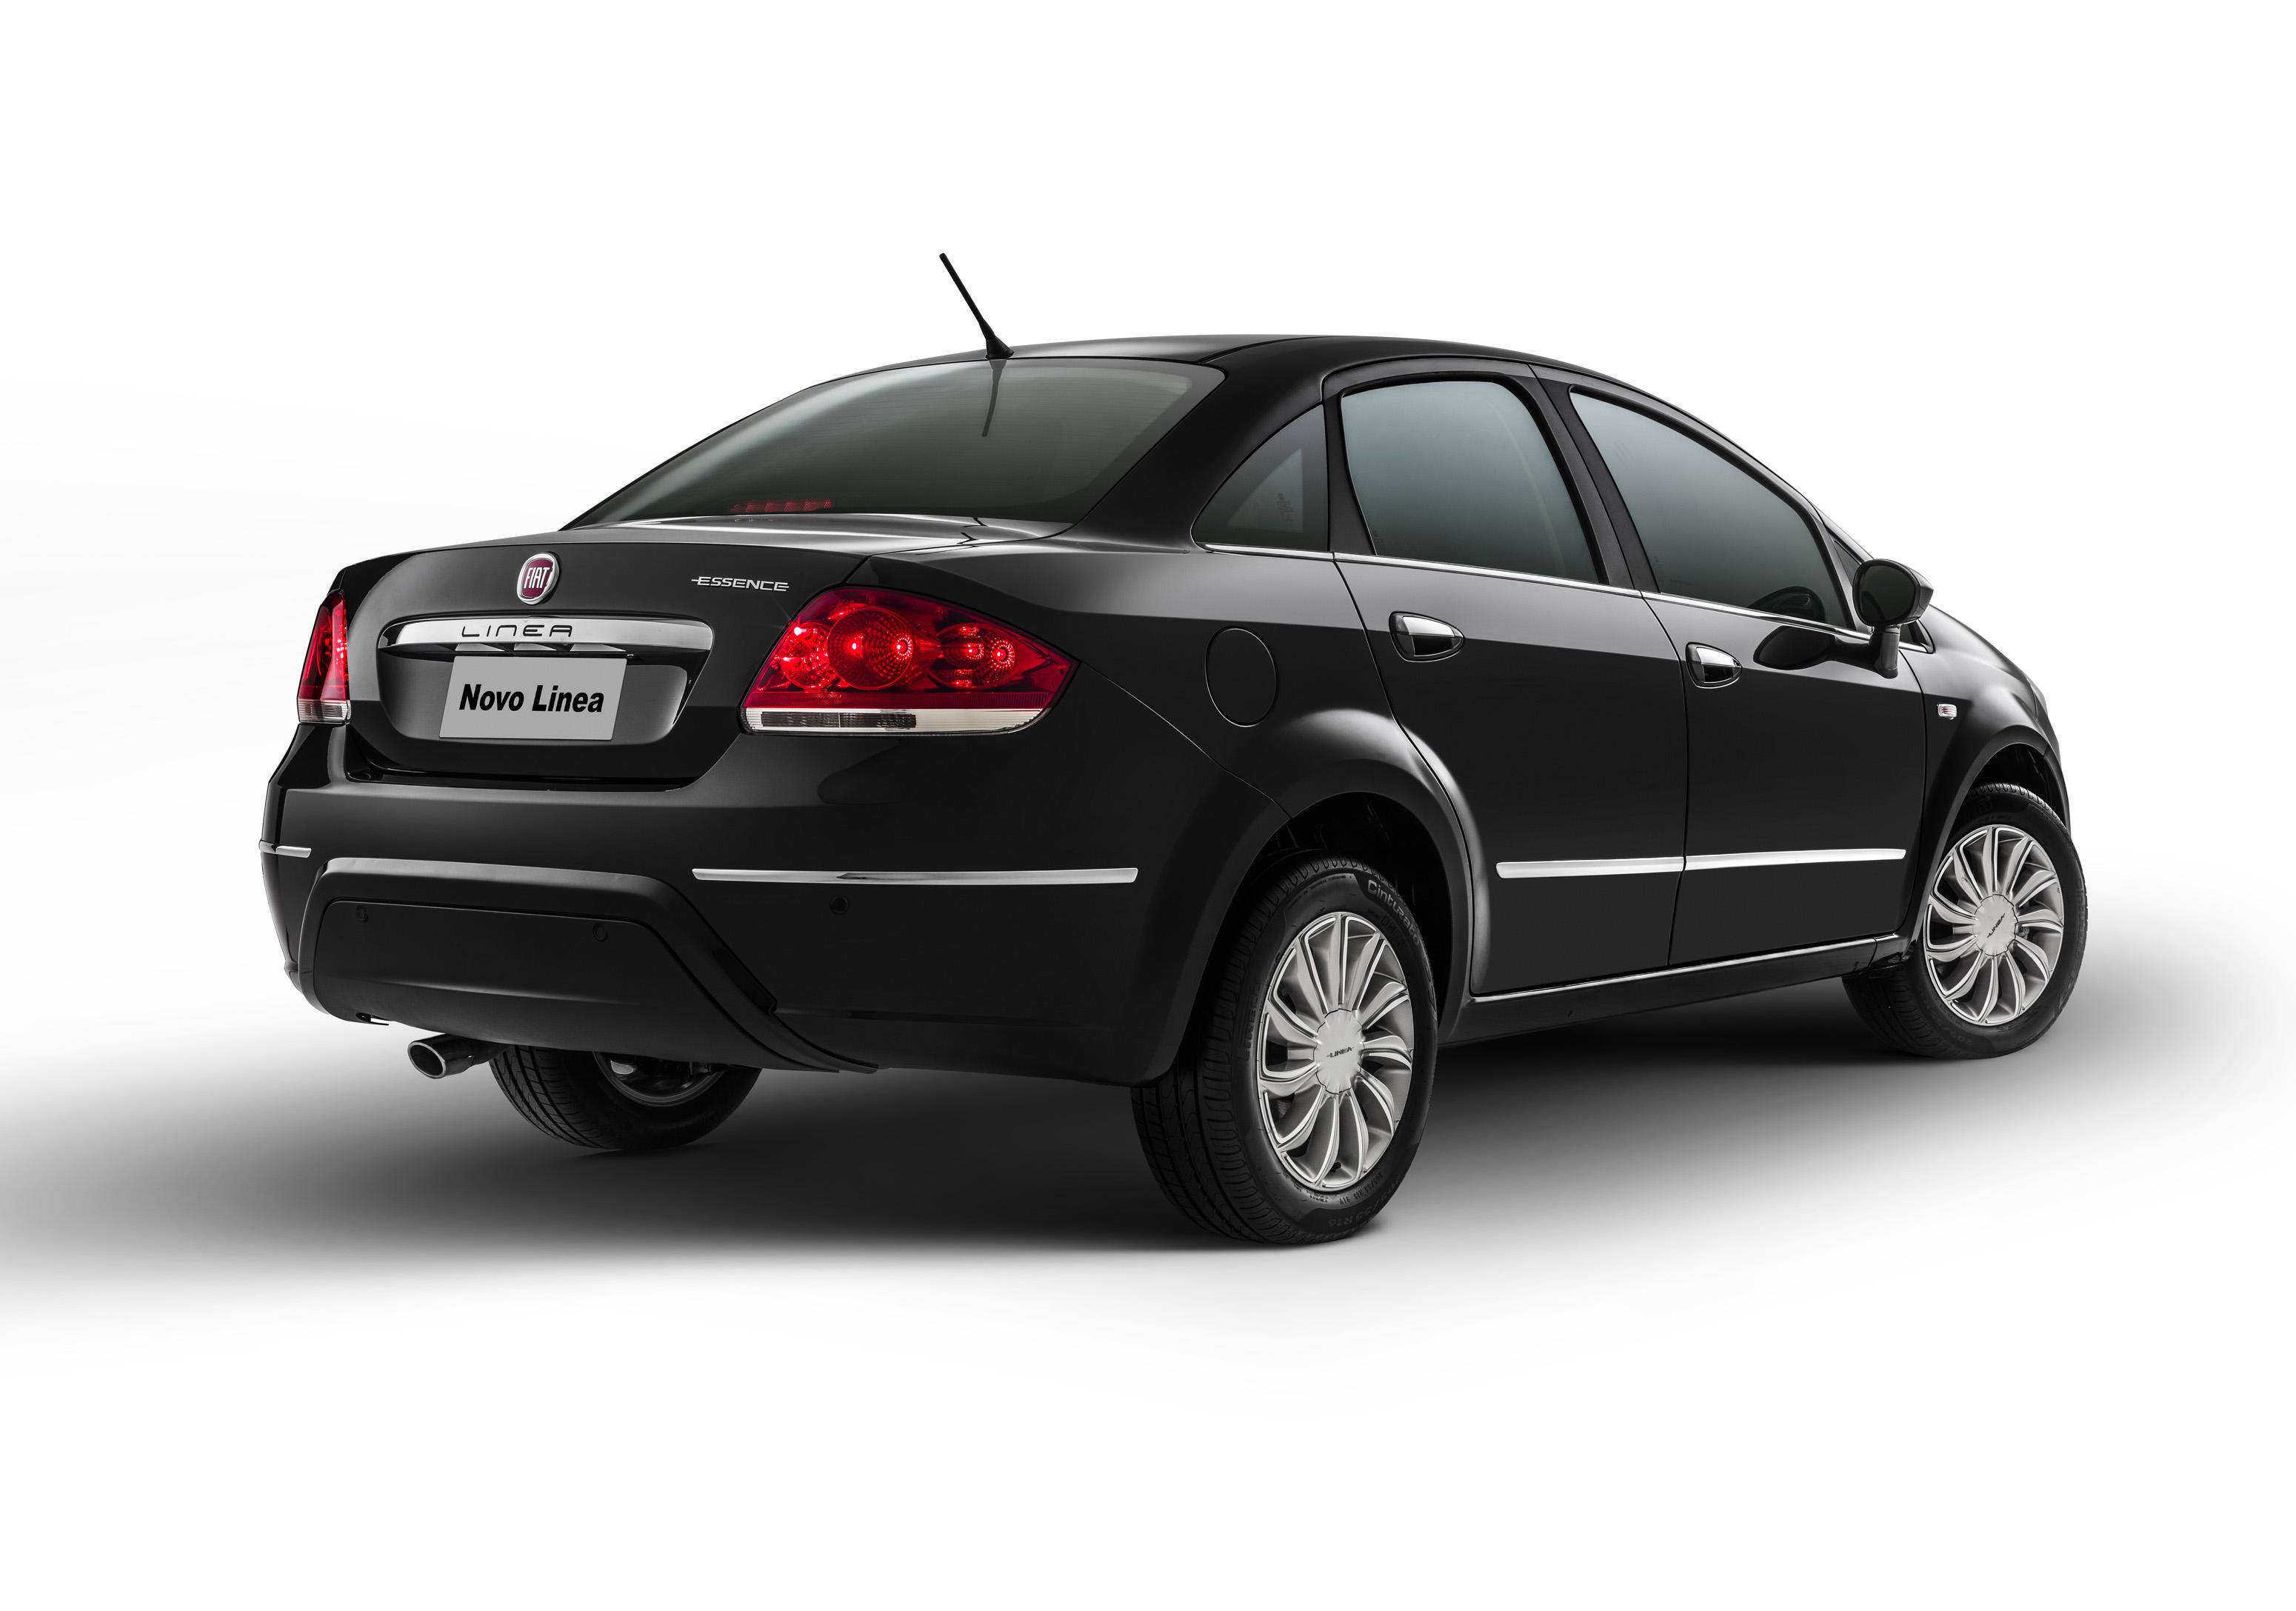 bhp cc car drive team fiat reviews test linea official new jet page t dsc forum review